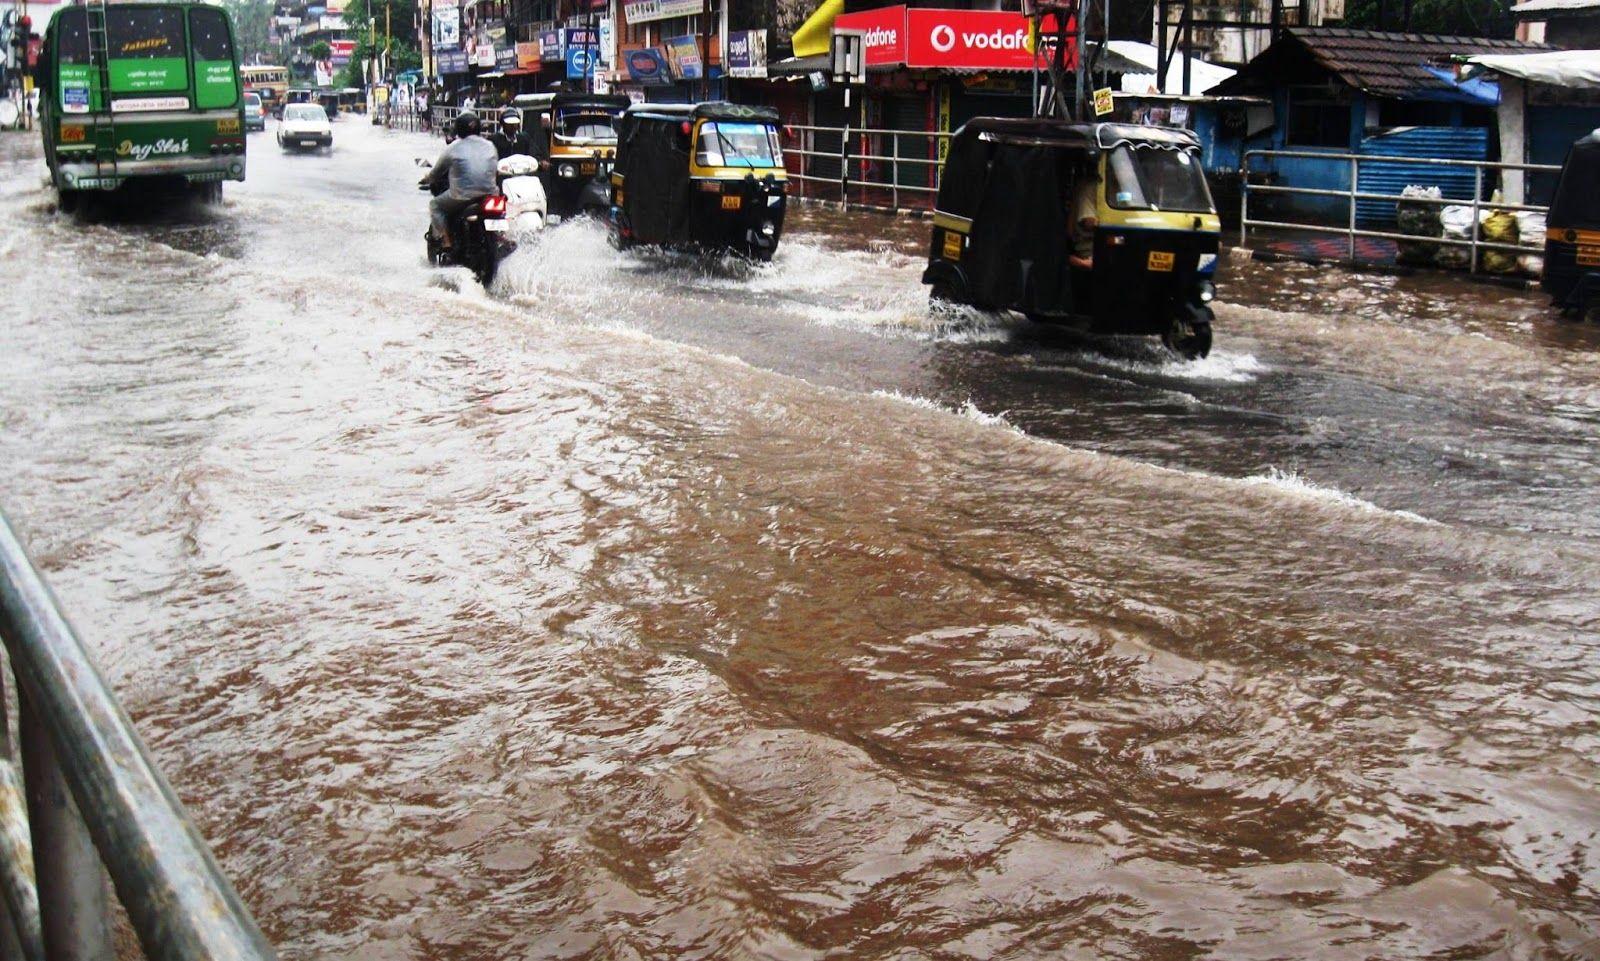 മഴ ശക്തം: കോഴിക്കോട് ജില്ലയില് 7 ക്യാമ്പുകള് ആരംഭിച്ചു